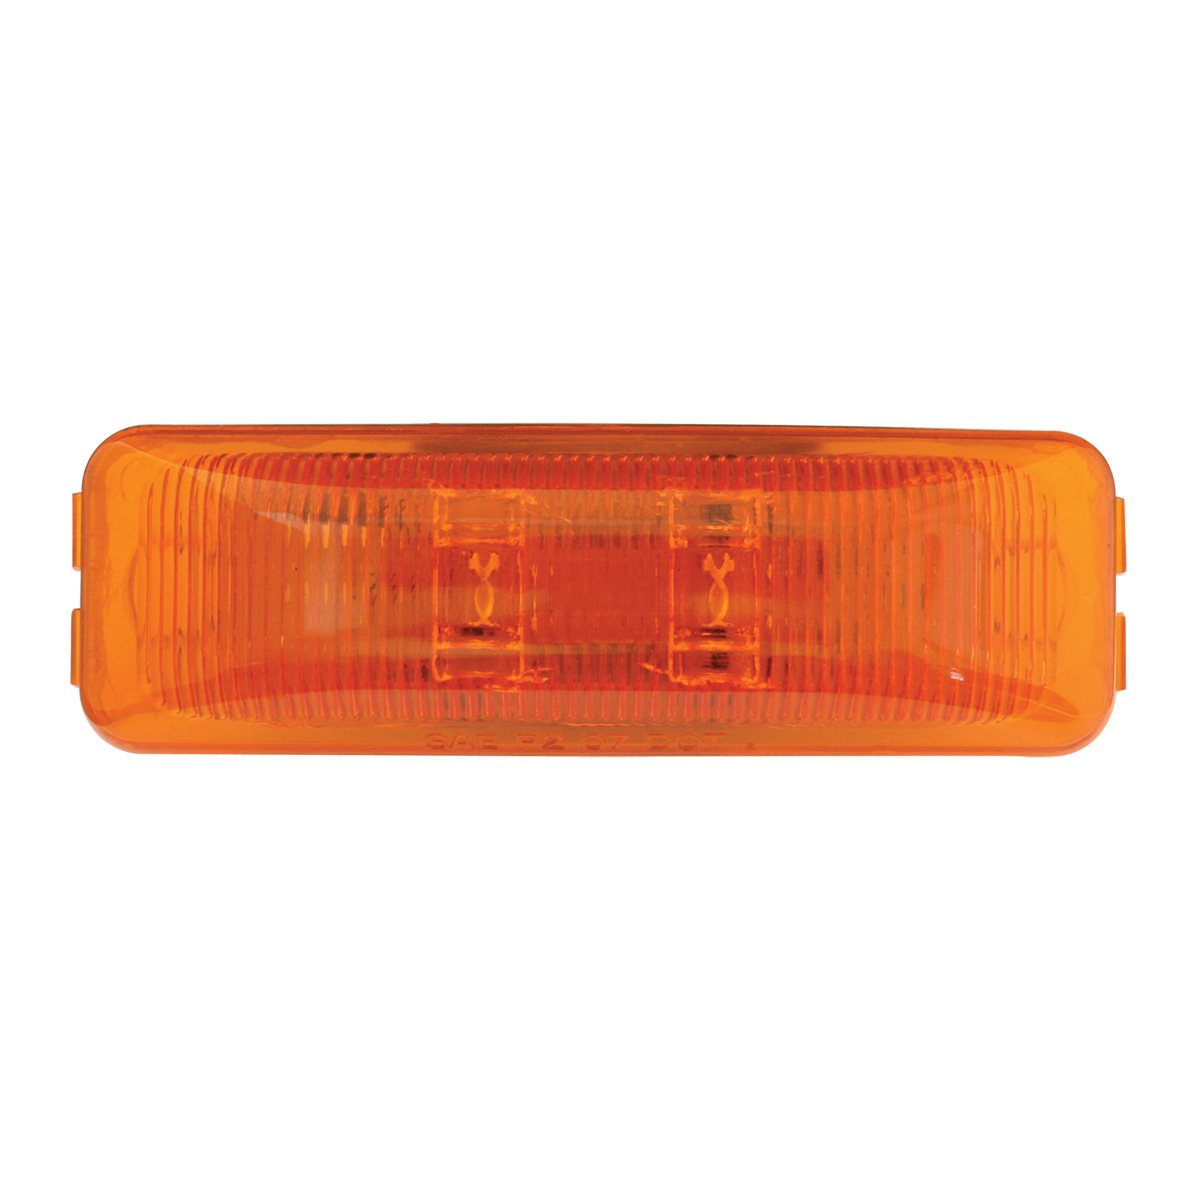 76400 Medium Rectangular Fleet LED Marker Light in Amber/Amber